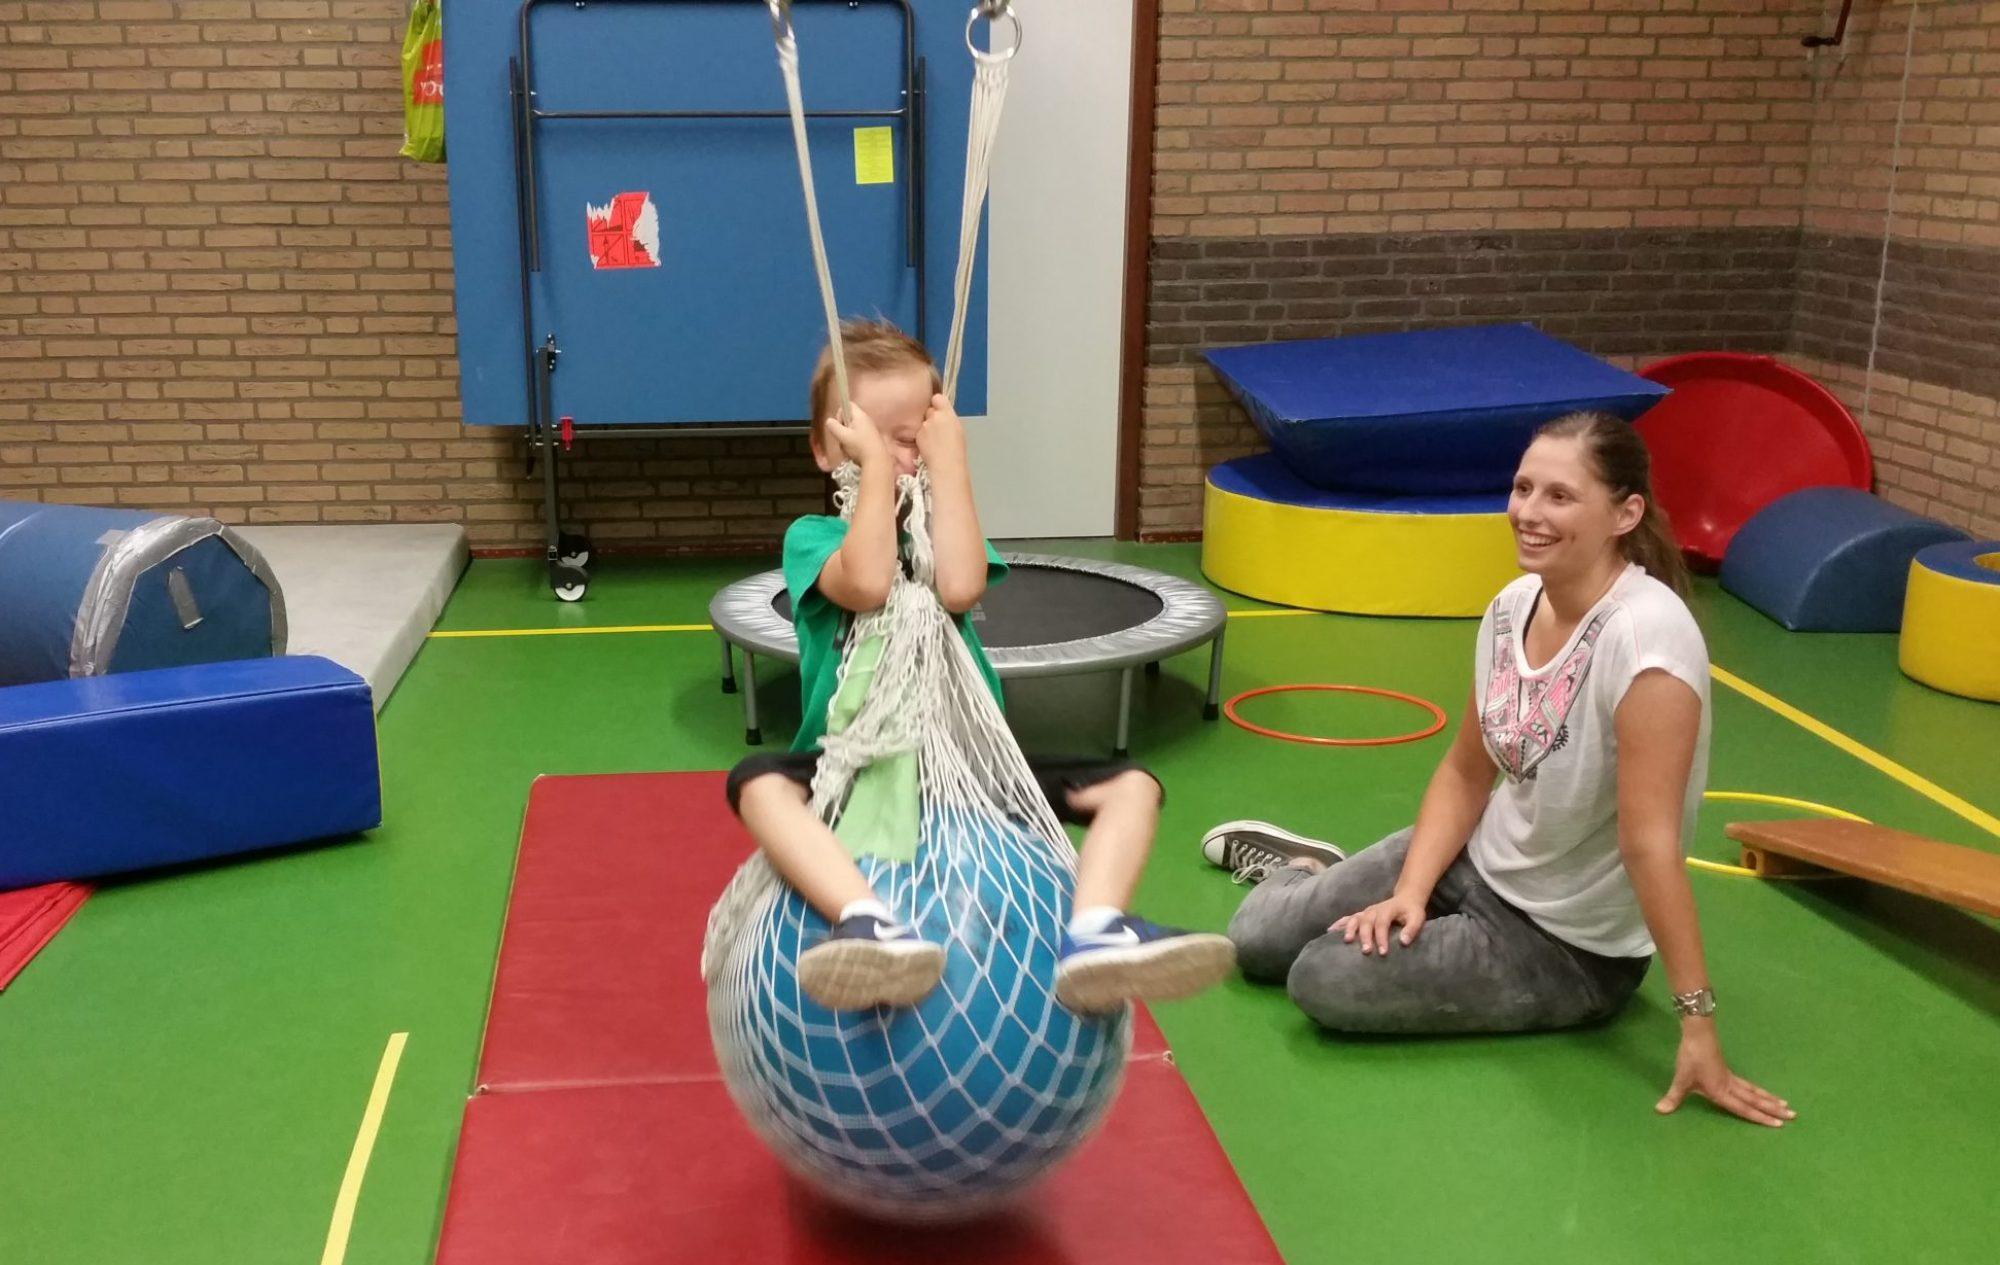 Praktijk voor kinderfysiotherapie